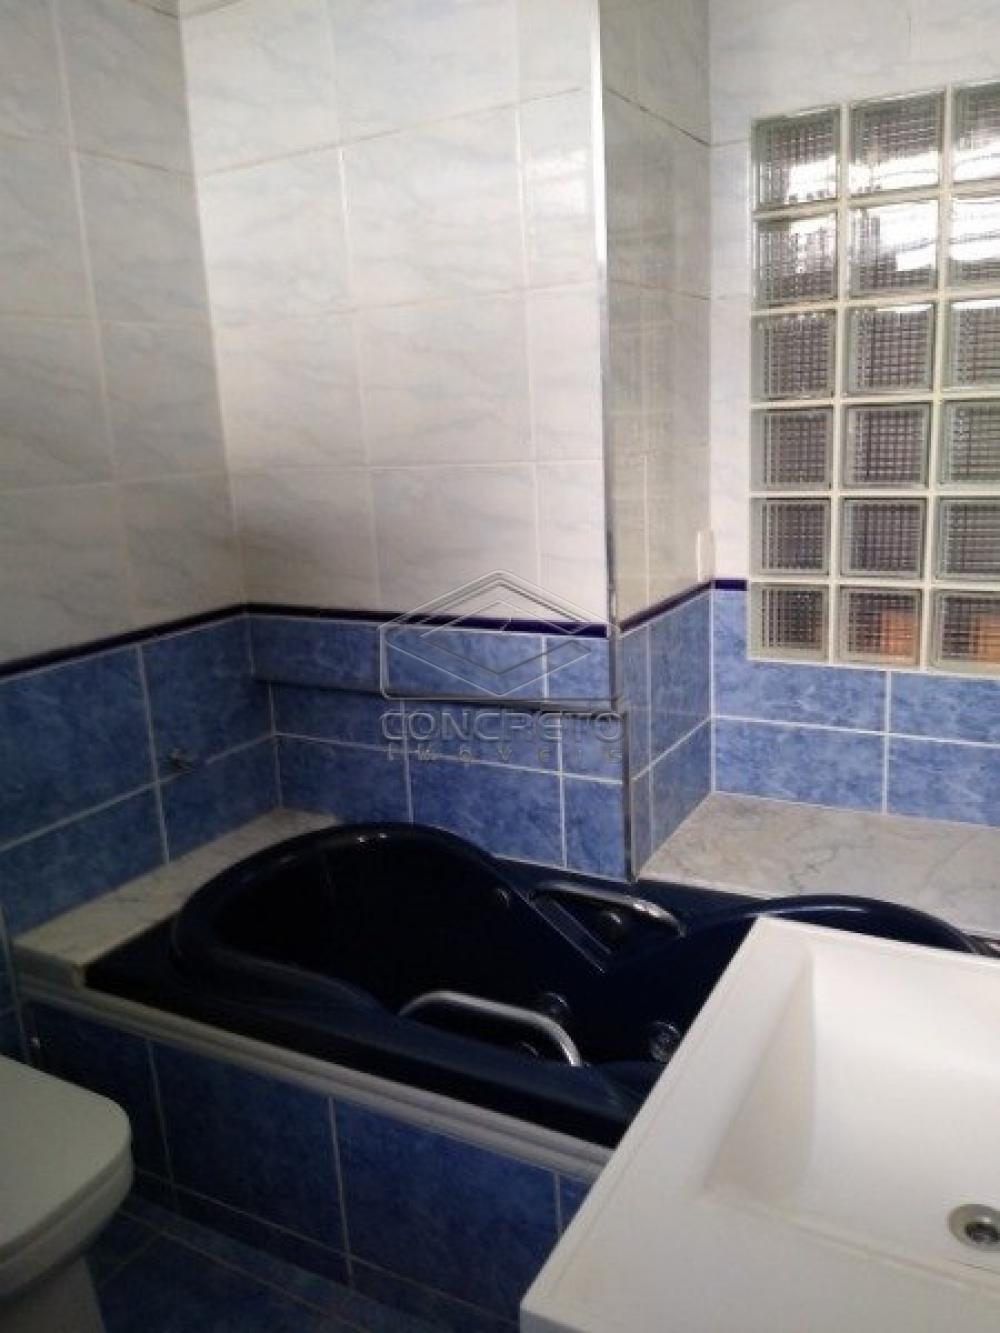 Comprar Casa / Padrão em Jau R$ 750.000,00 - Foto 16